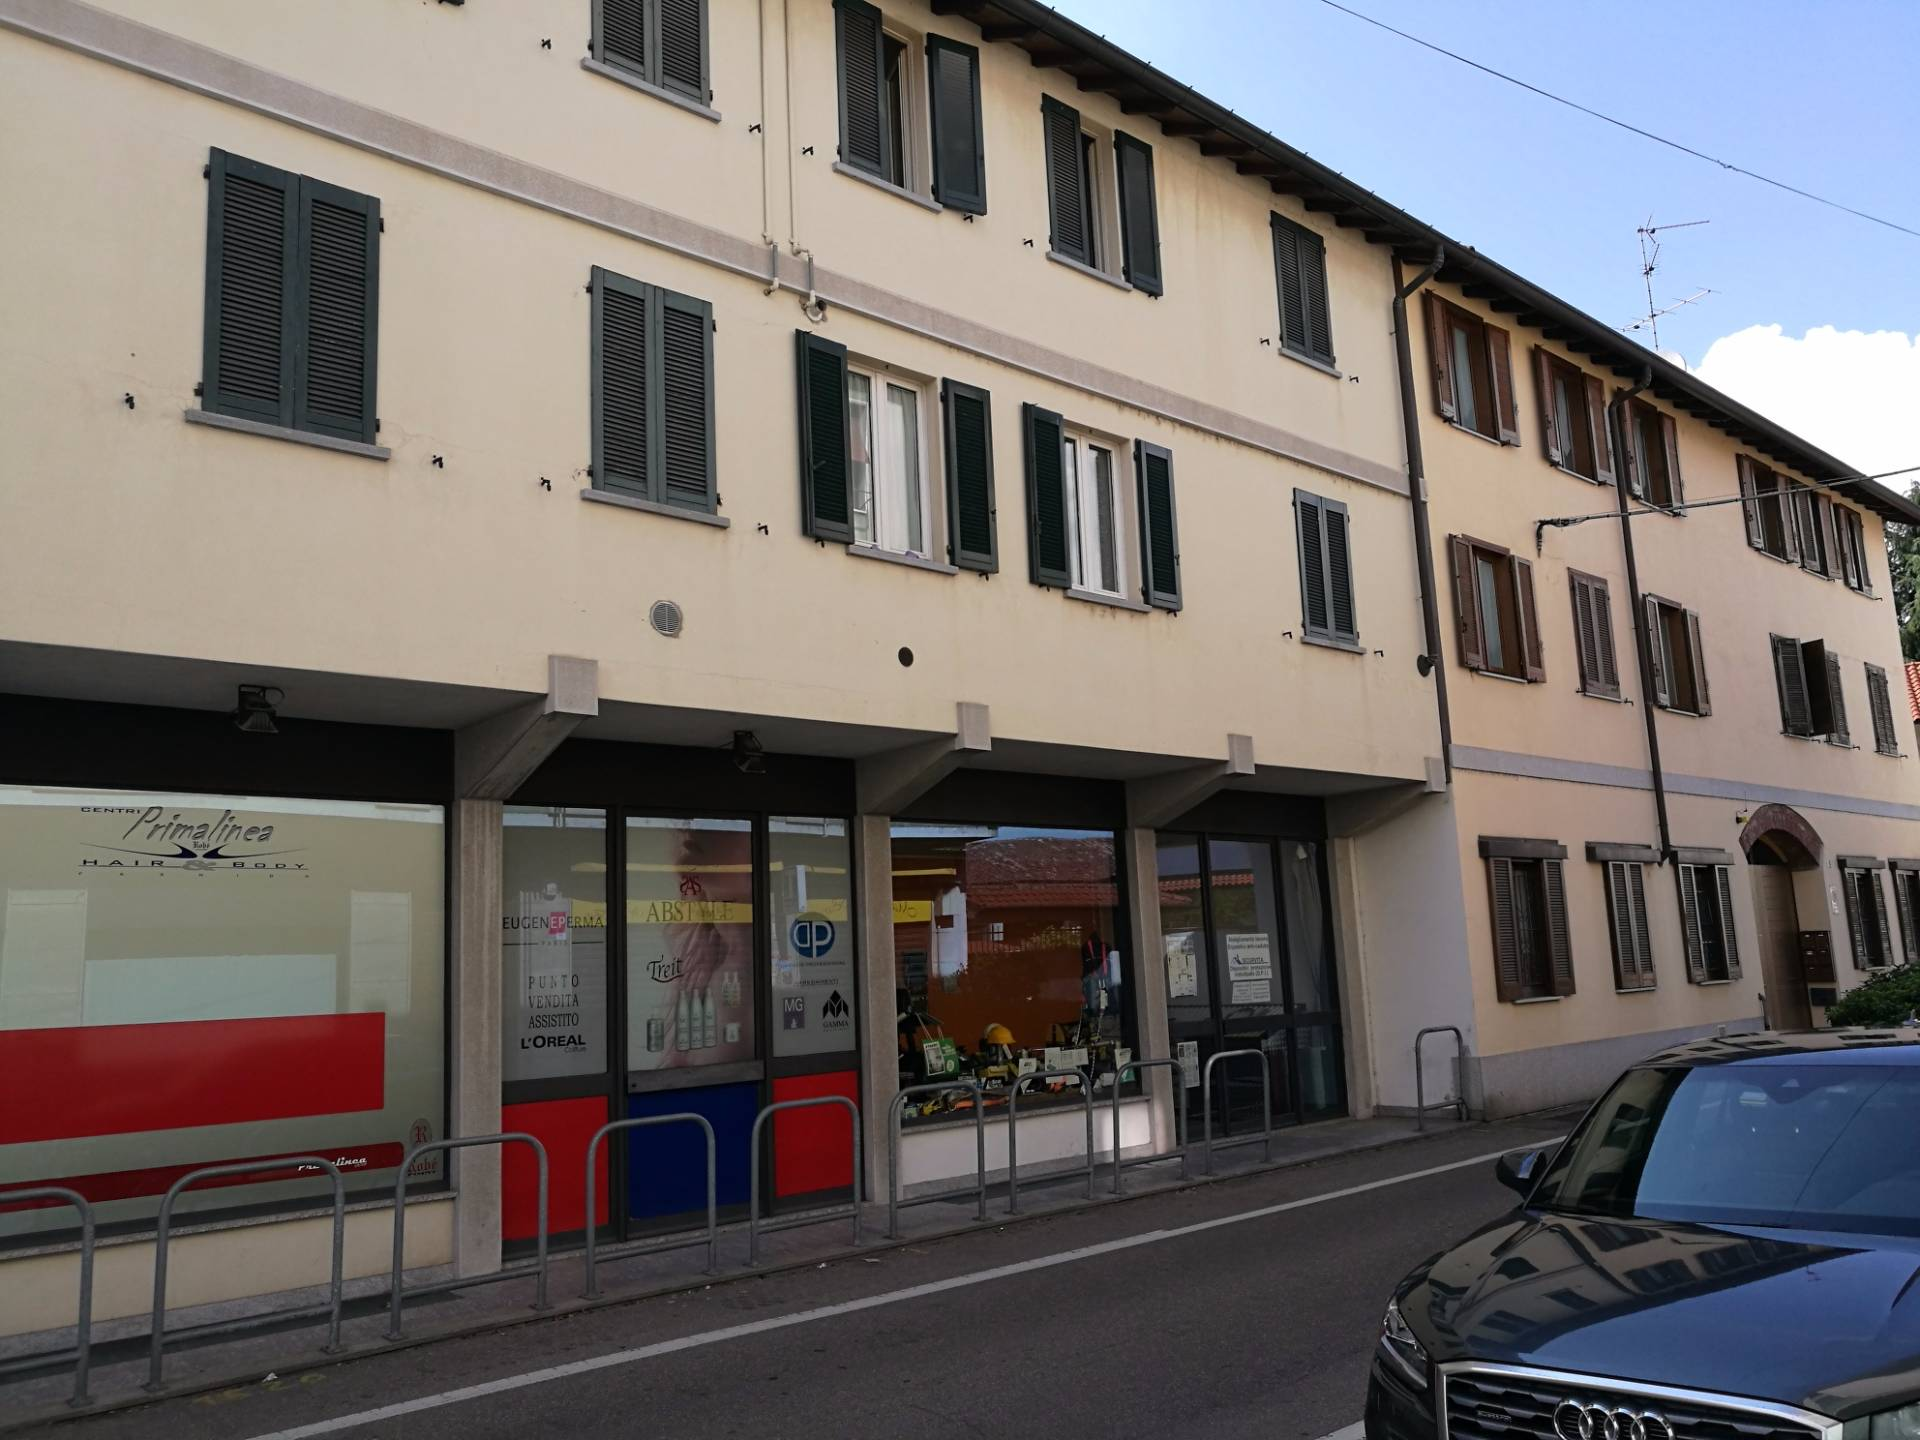 Casa inveruno appartamenti e case in vendita for Case vendita a milano